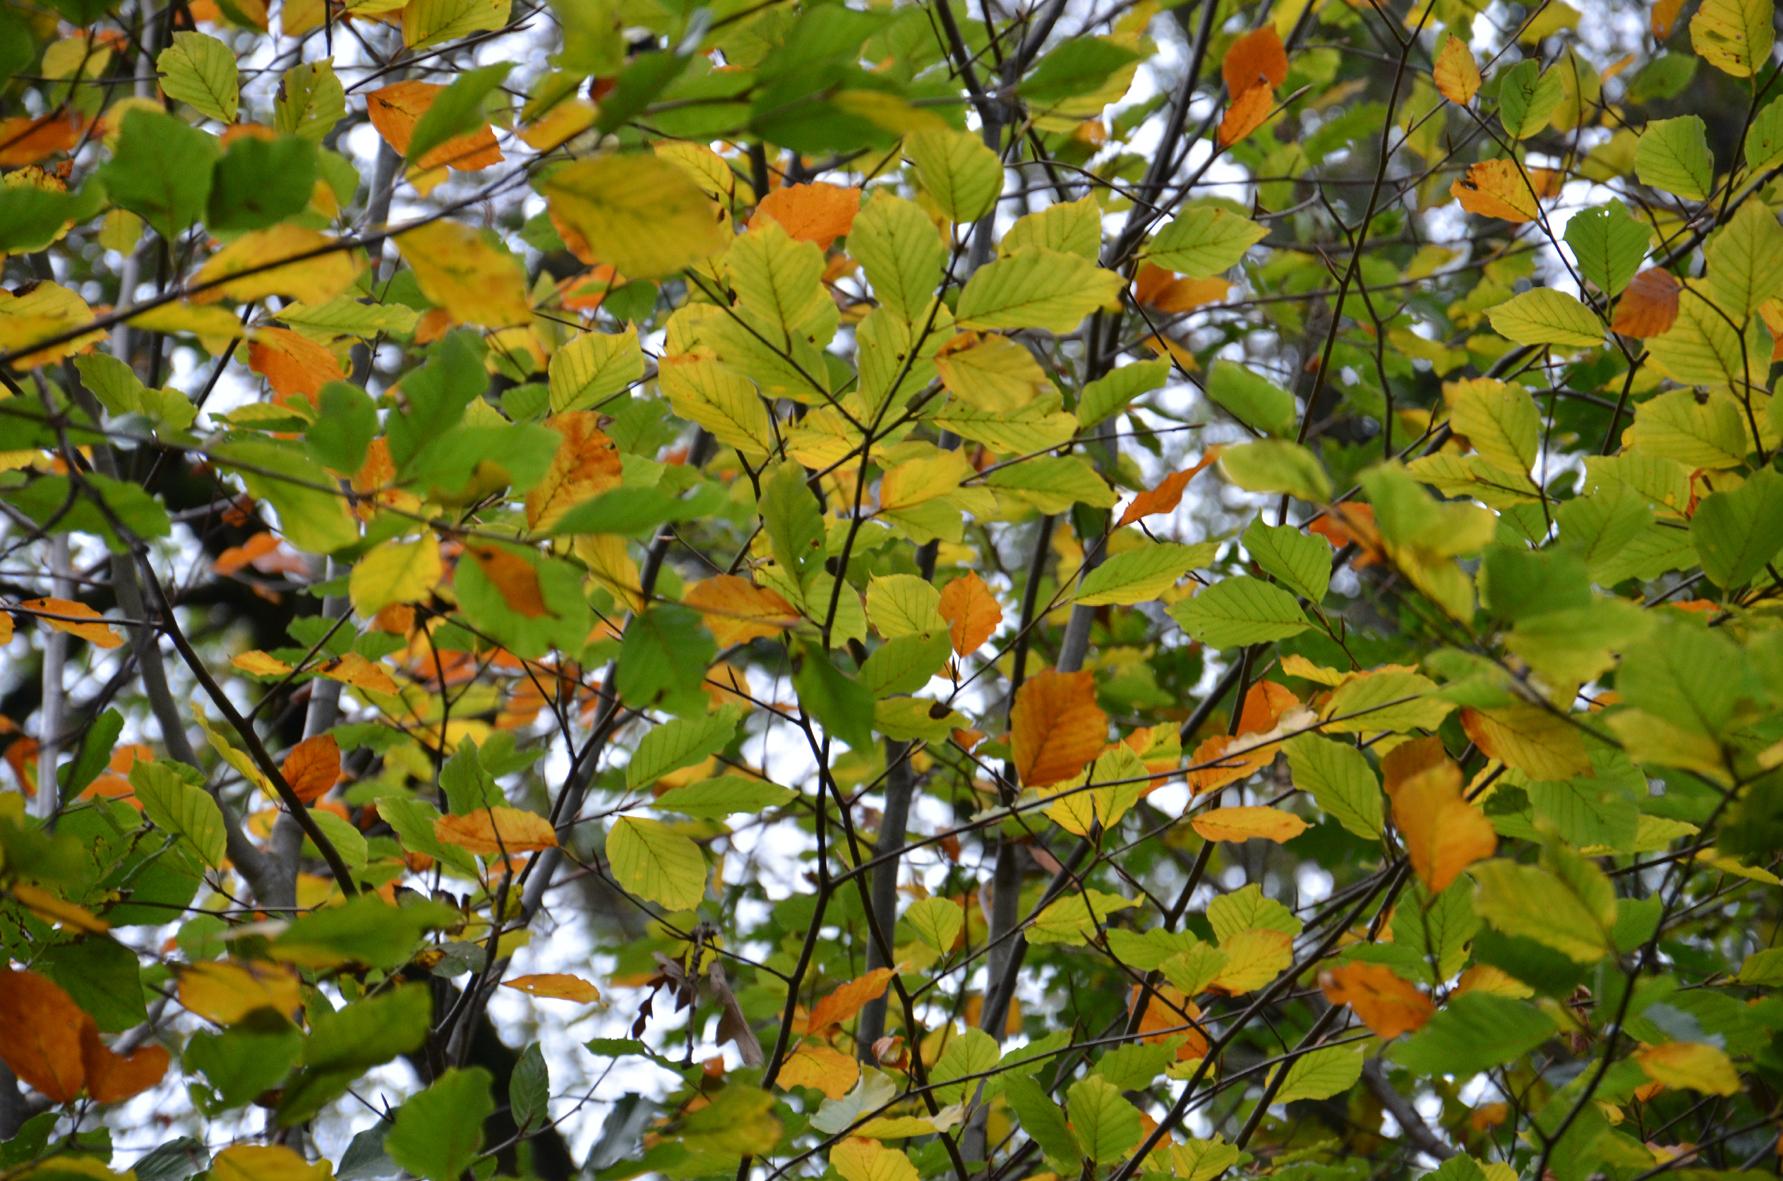 Becoming Autumn